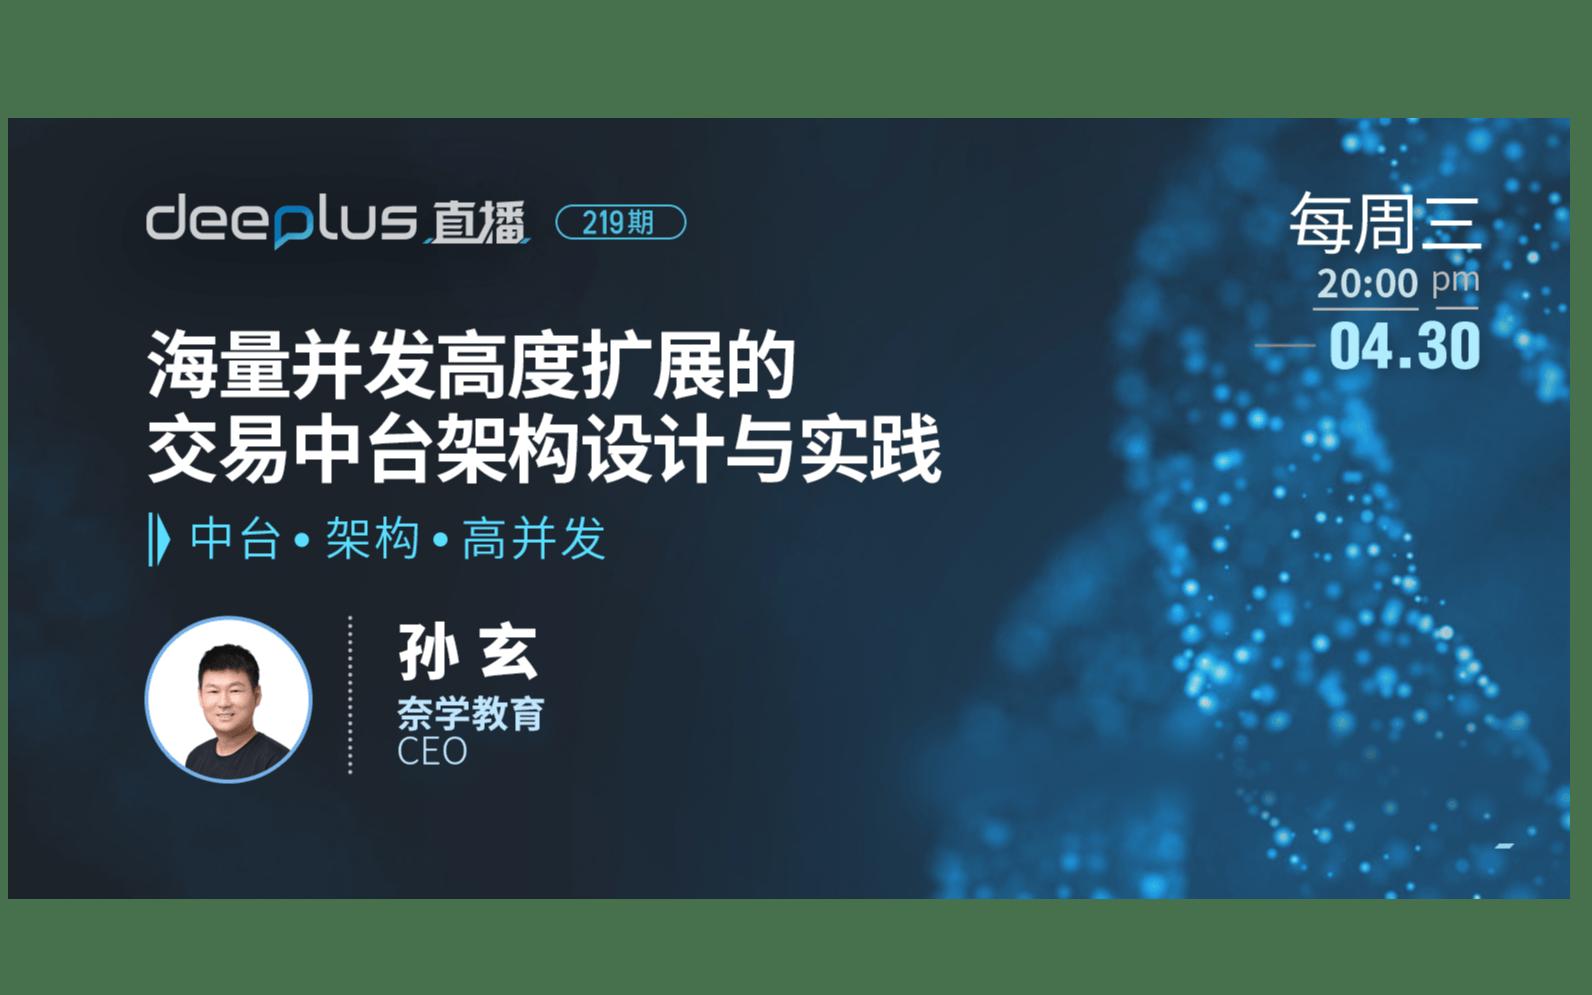 Deeplus直播:解锁中台架构、金融监控、运维平台&工具新实践